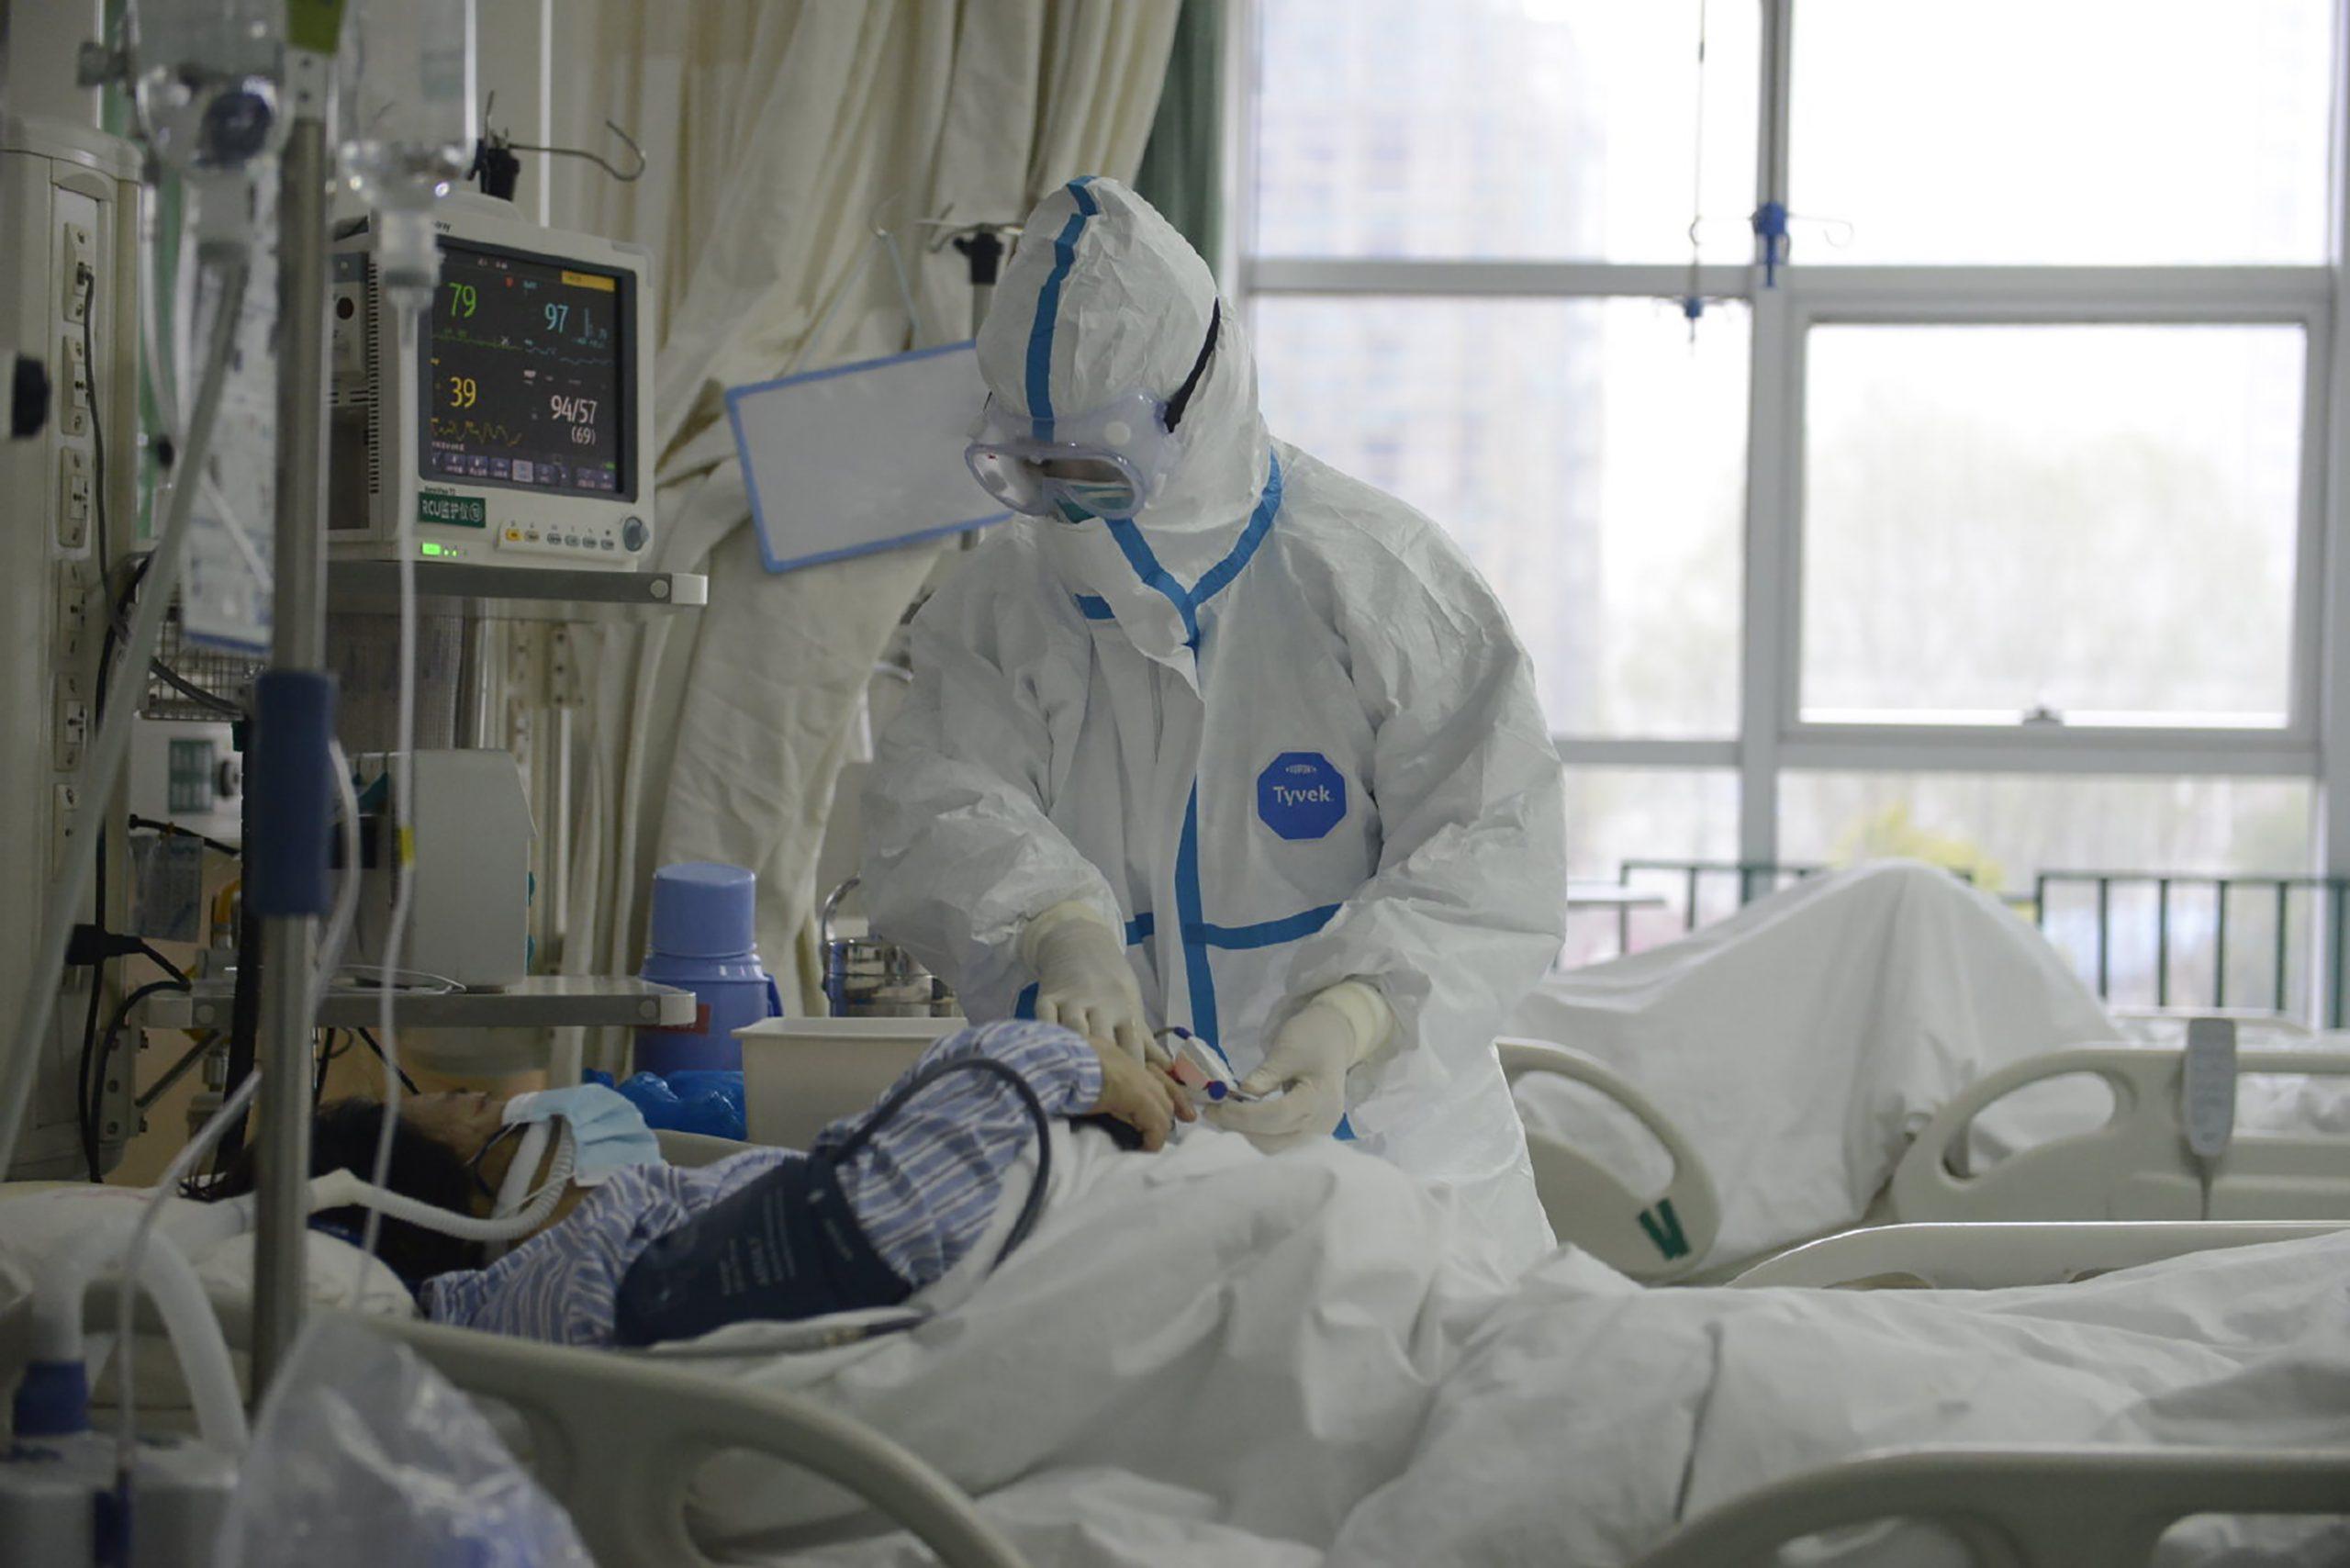 Unos L.45 millones están listos para ejecutar plan operativo por Coronavirus